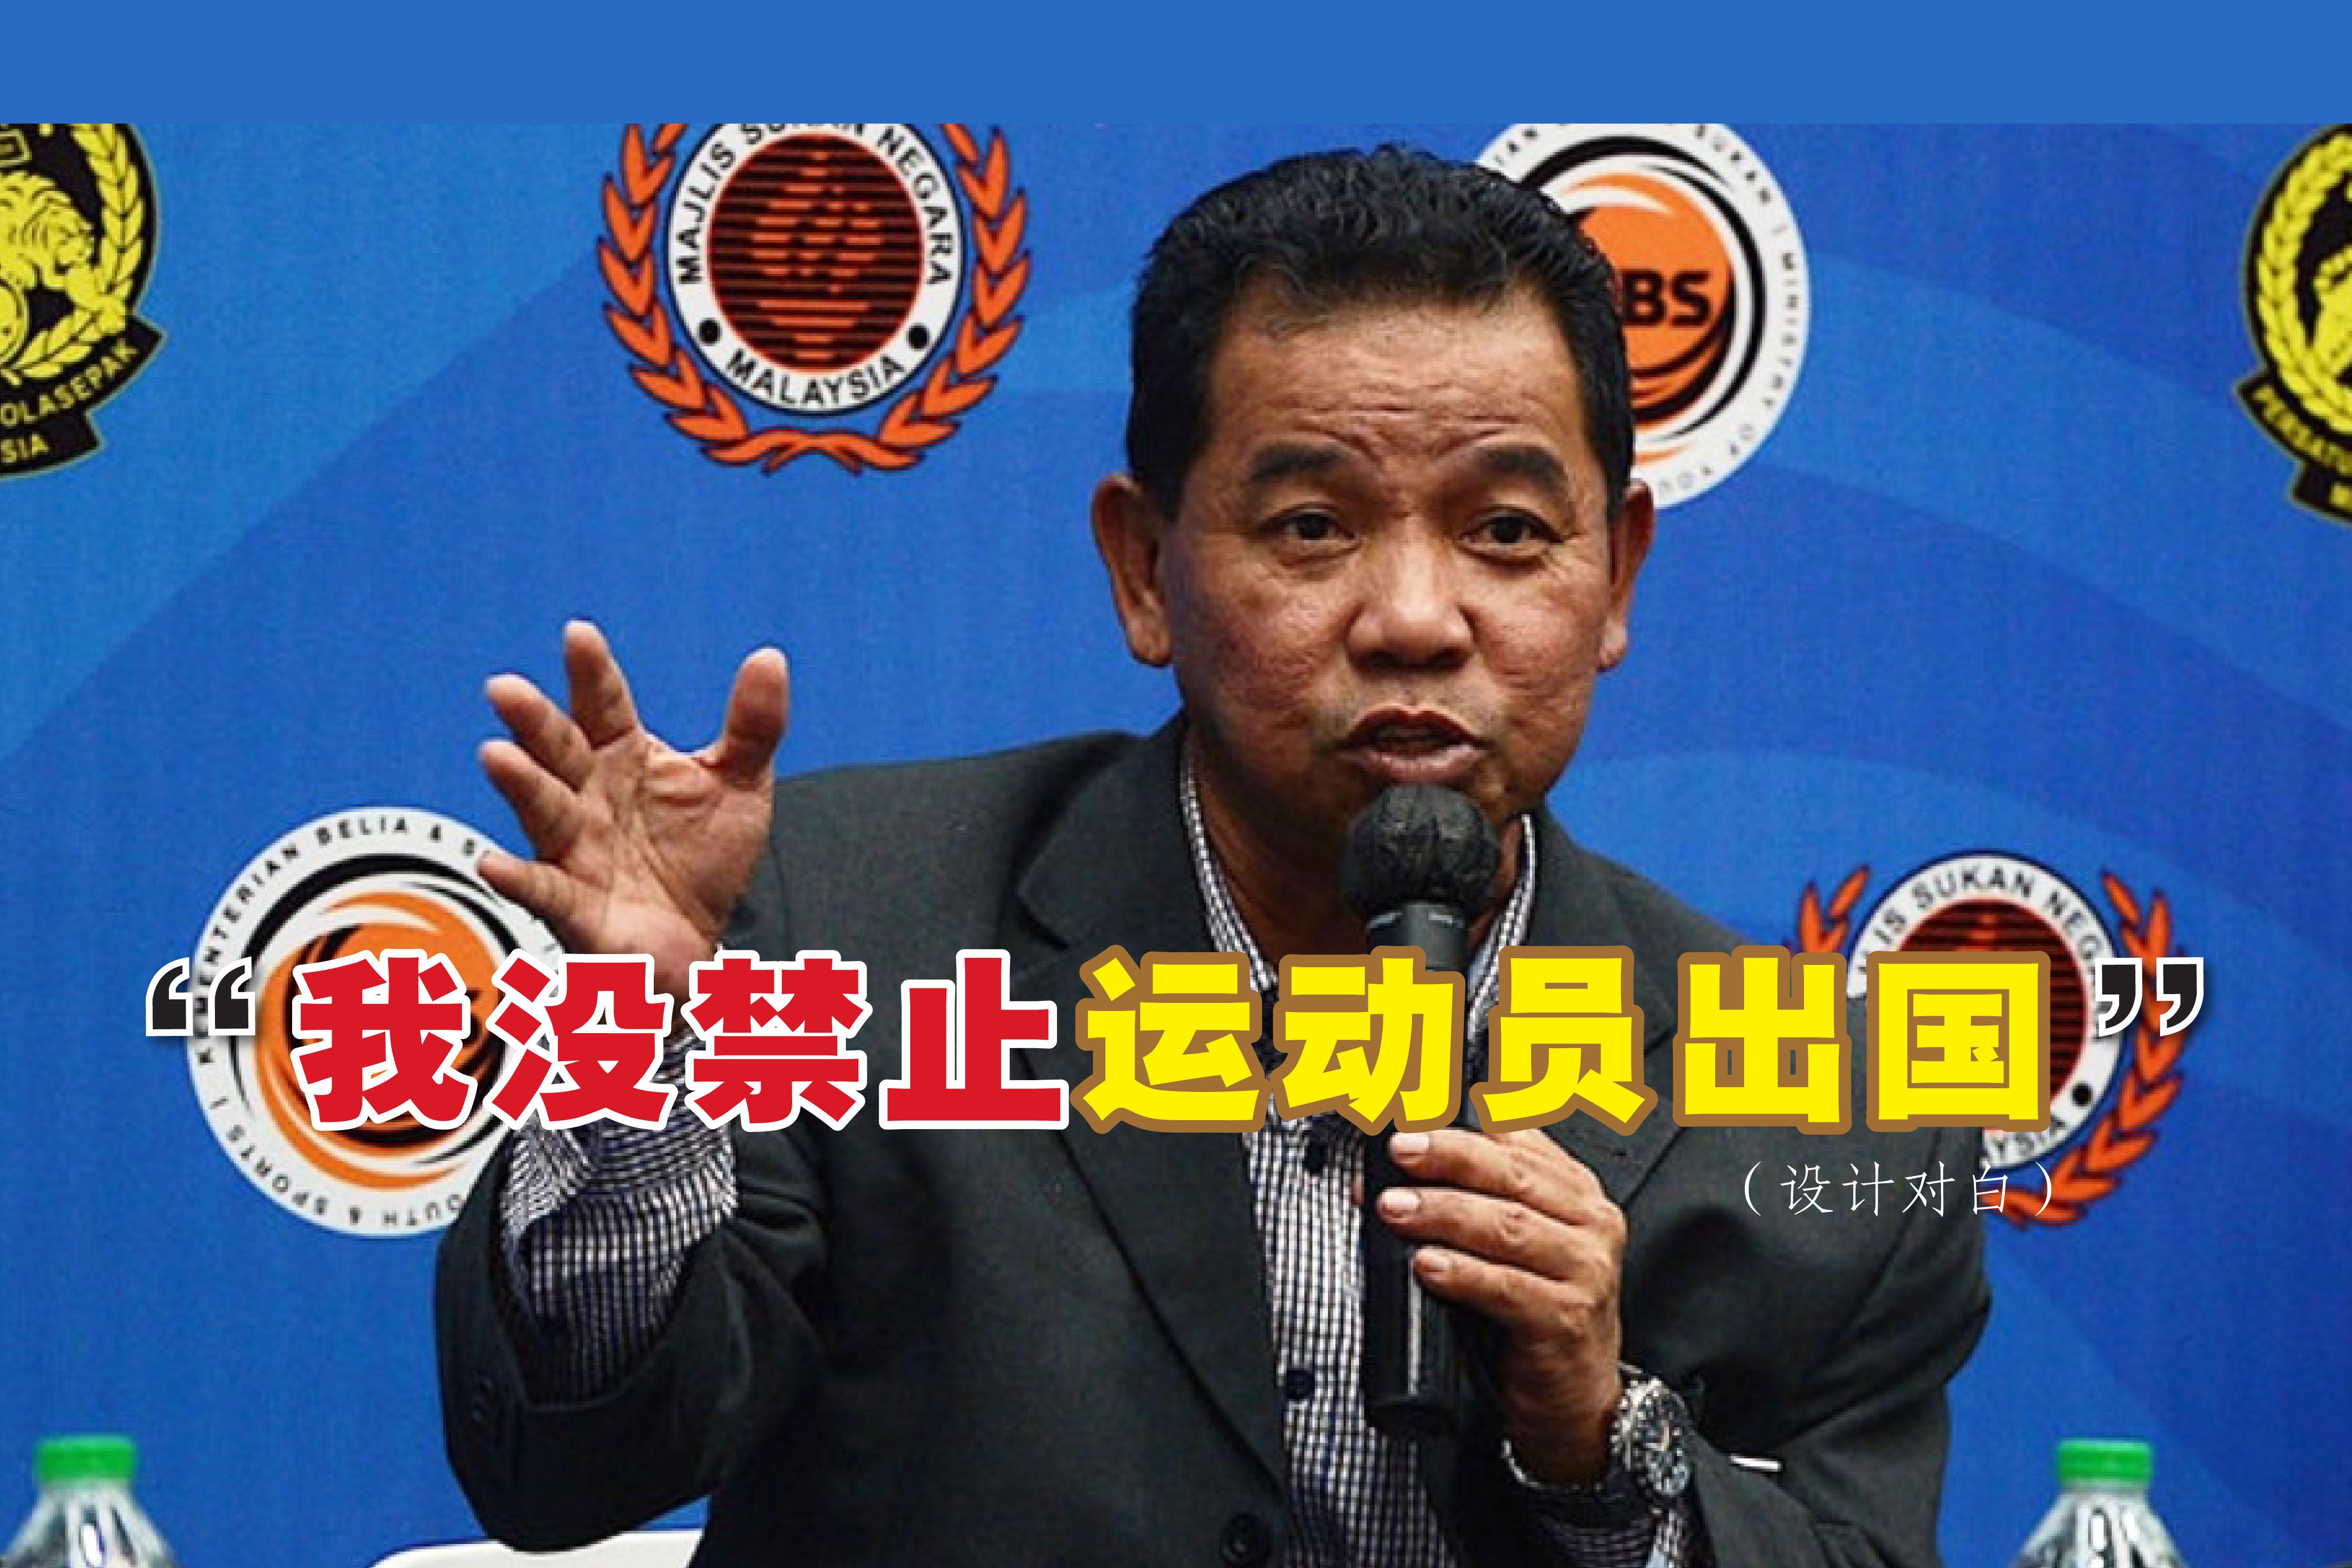 国家体育理事会总监阿末沙巴威表示,并不会阻止运动员出国比赛获参与体育活动,但相关体育协会需自行评估以及承担风险。-马新社/精彩大马制图-